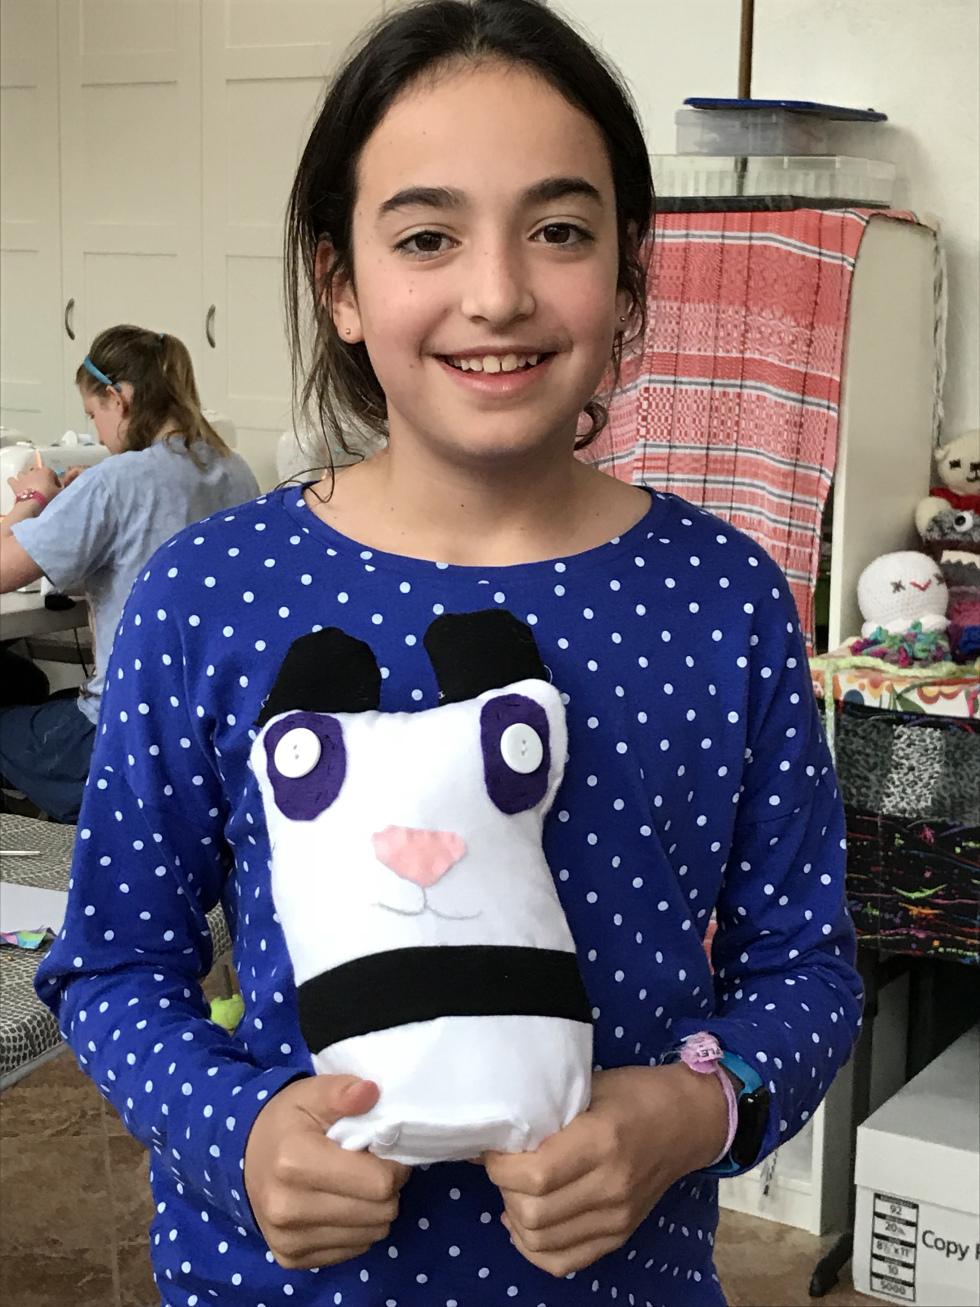 11 year old panda